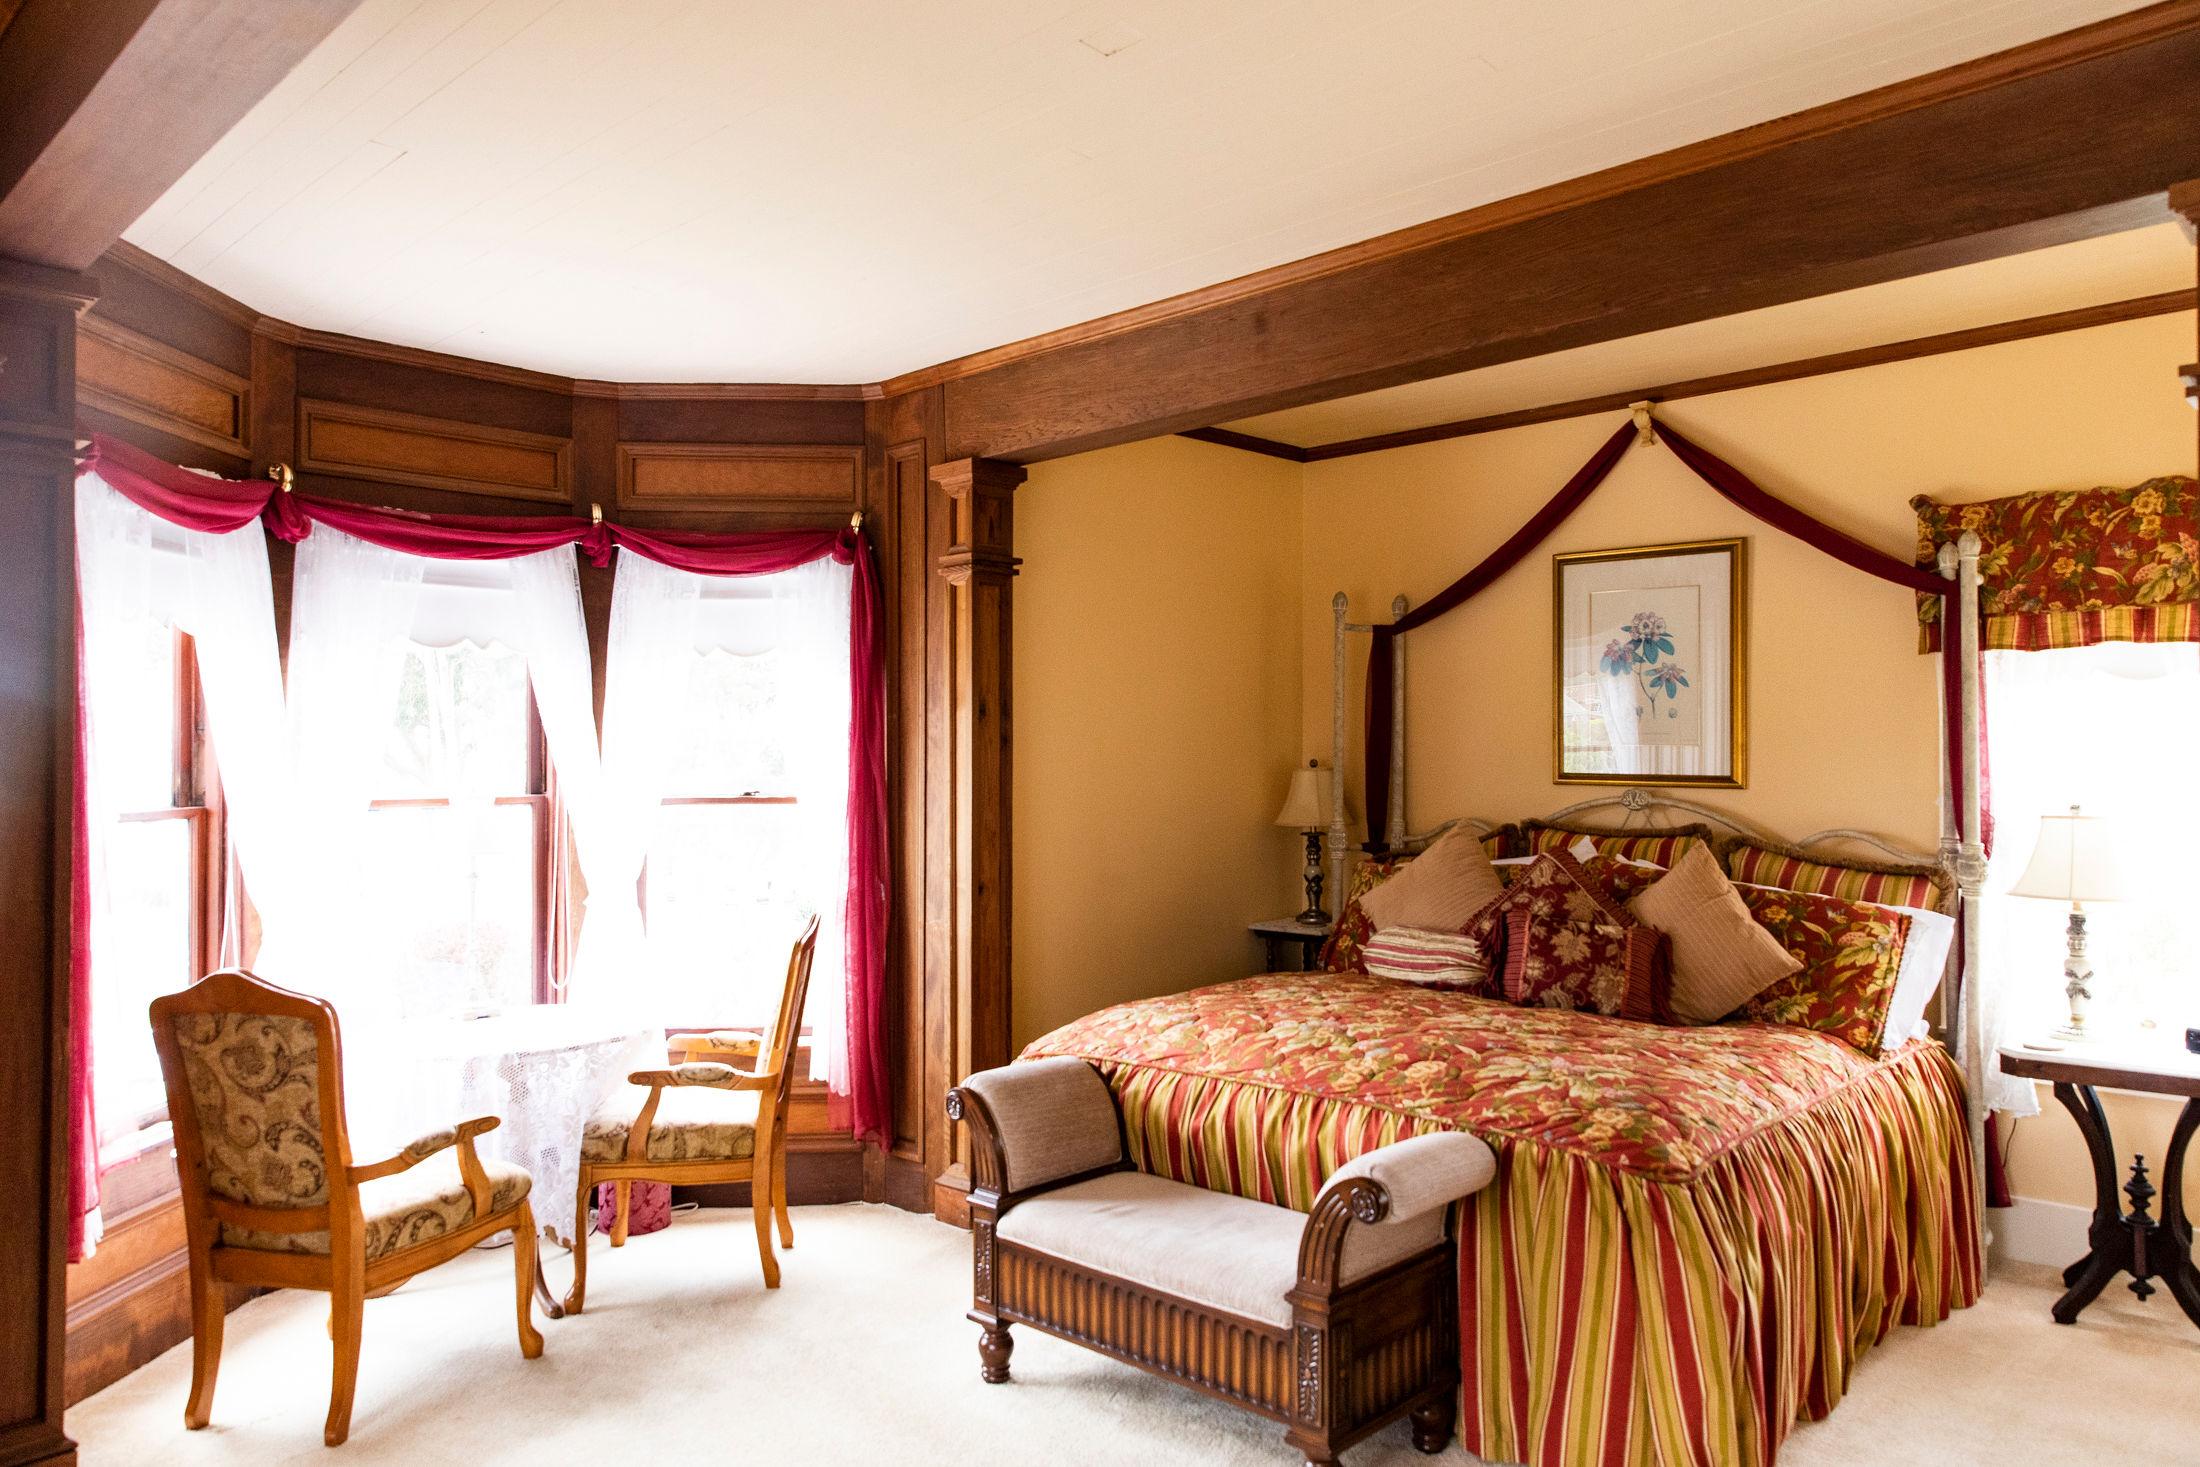 Bessie Strauss Suite at The Headlands Inn in Mendocino, Ca